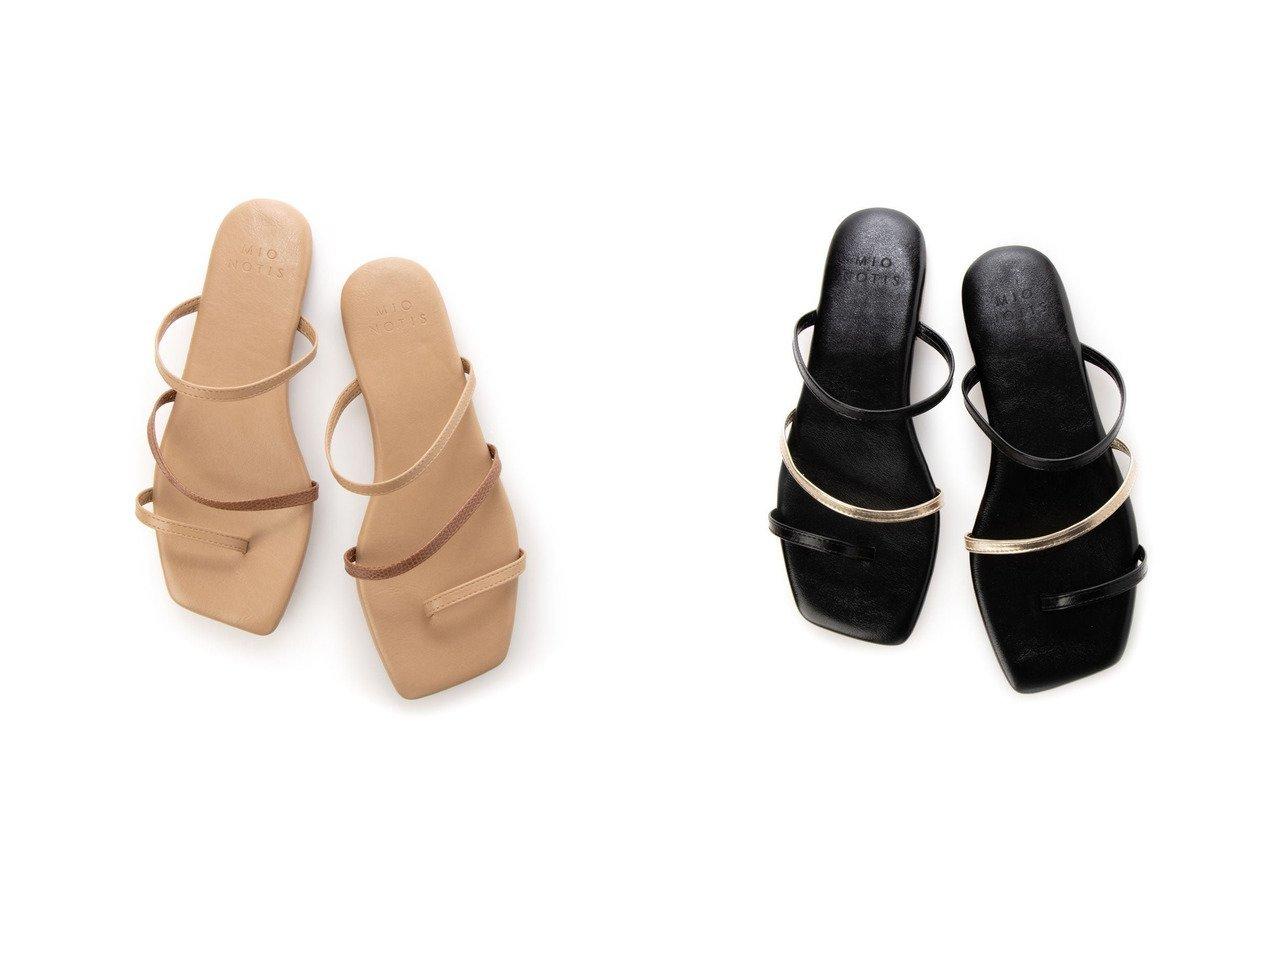 【mio notis/ミオ ノティス】のバイカラーベルトトングサンダル 【シューズ・靴】おすすめ!人気、トレンド・レディースファッションの通販 おすすめで人気の流行・トレンド、ファッションの通販商品 インテリア・家具・メンズファッション・キッズファッション・レディースファッション・服の通販 founy(ファニー) https://founy.com/ ファッション Fashion レディースファッション WOMEN ベルト Belts 2021年 2021 2021春夏・S/S SS/Spring/Summer/2021 S/S・春夏 SS・Spring/Summer ジーンズ フラット 春 Spring  ID:crp329100000045190